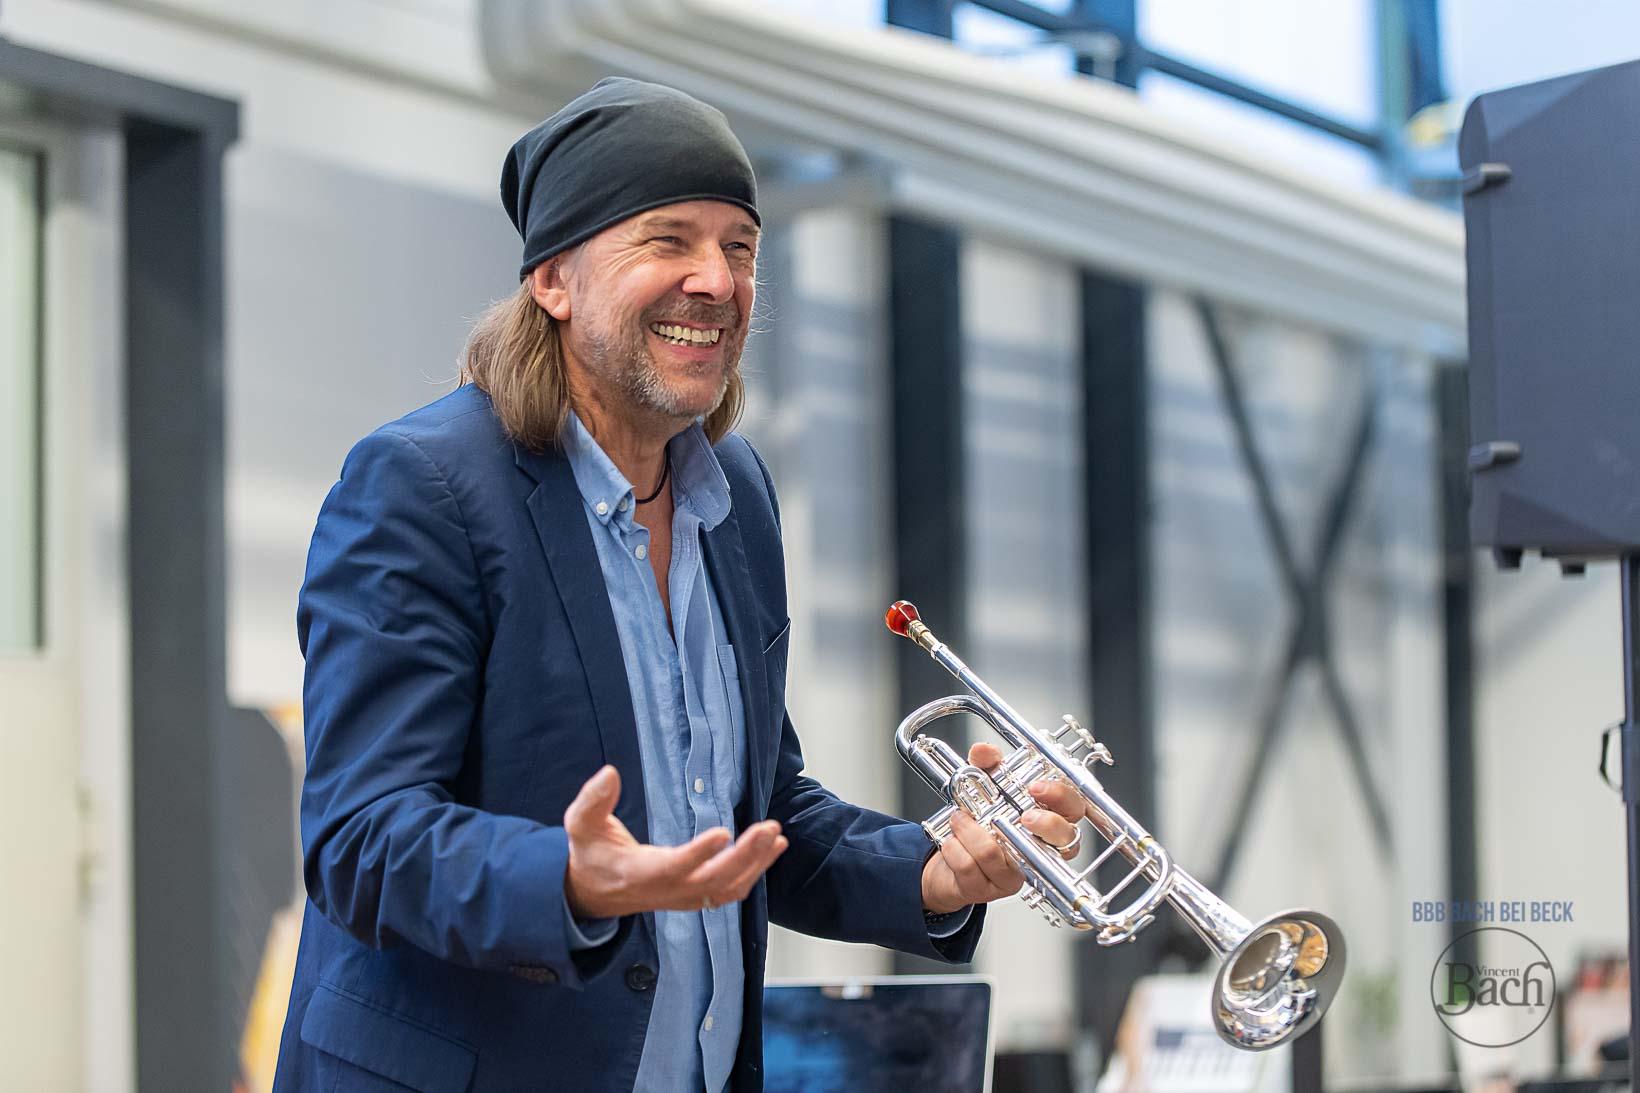 Bach Stradivarius Trompeten und Posaunen im Pro Brass Studio Musikhaus Beck. Vergleiche und teste auch Instrumente anderer Hersteller.